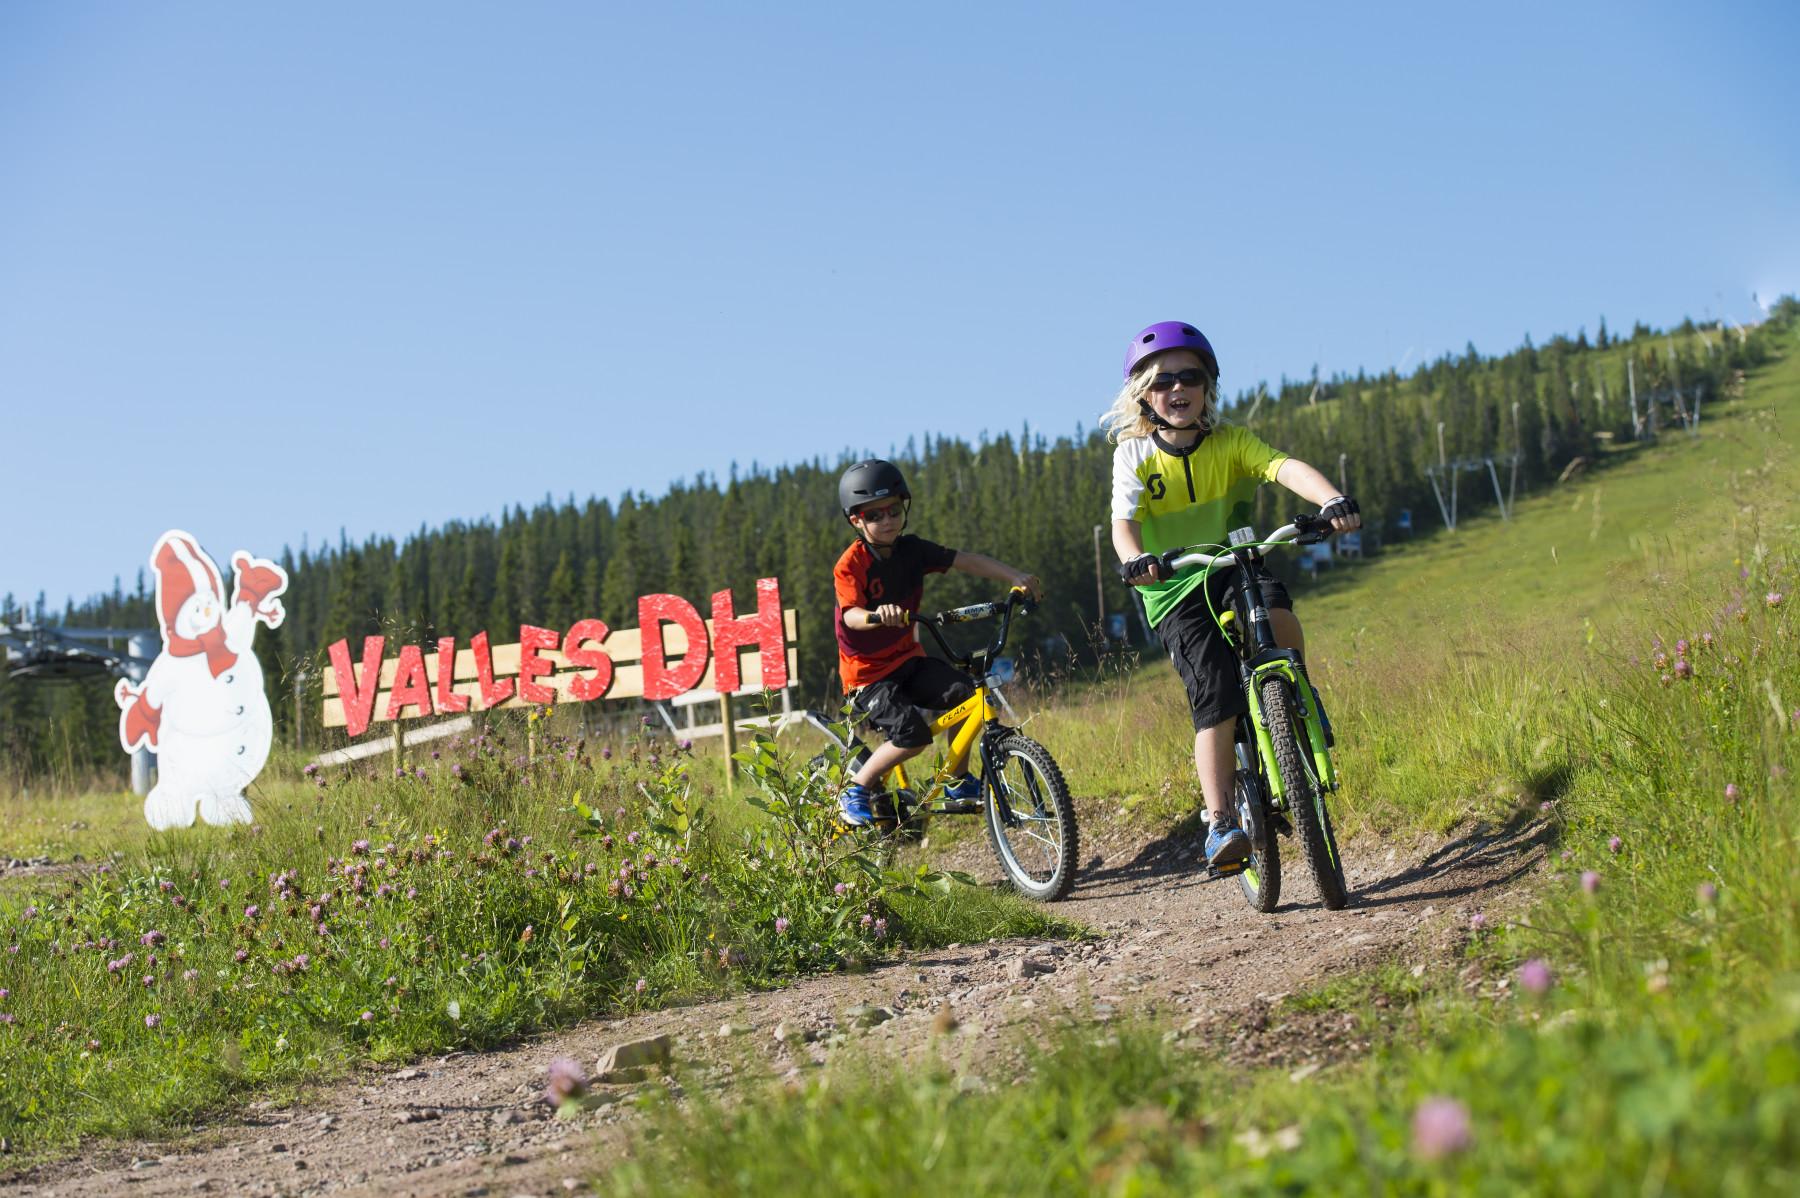 064_Skistar_Photo_DanielRonnback_Sälen